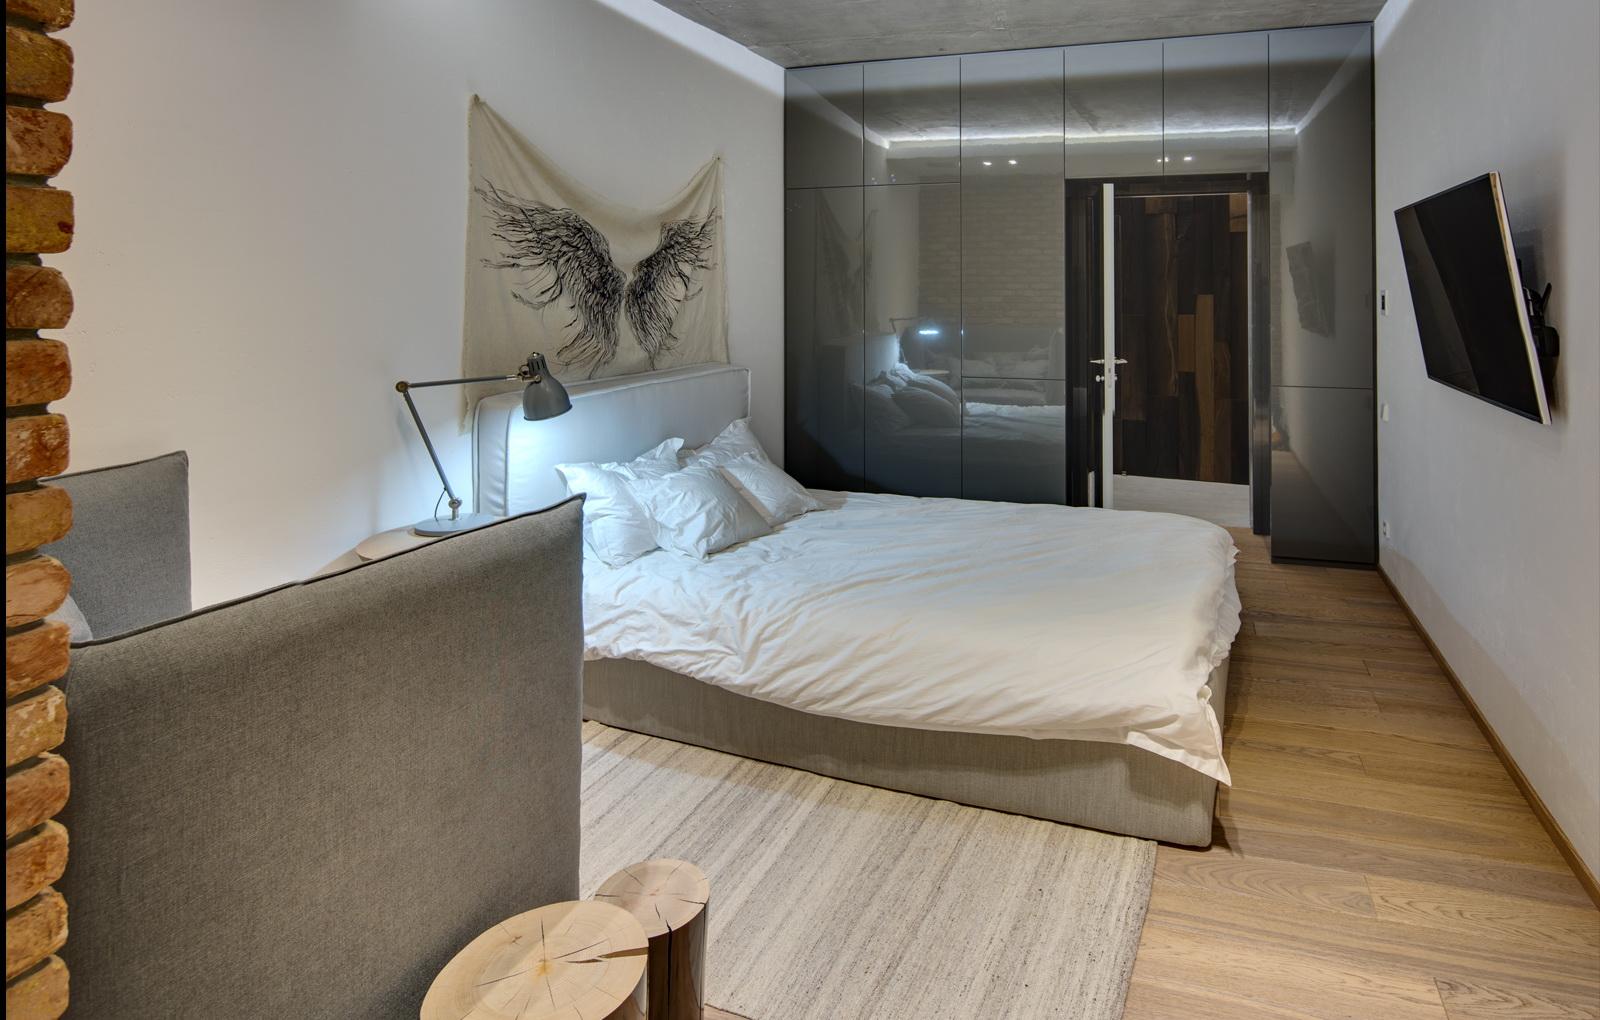 nebolshaya-svetlaya-spalnya-18-metrov-v-stile-loft